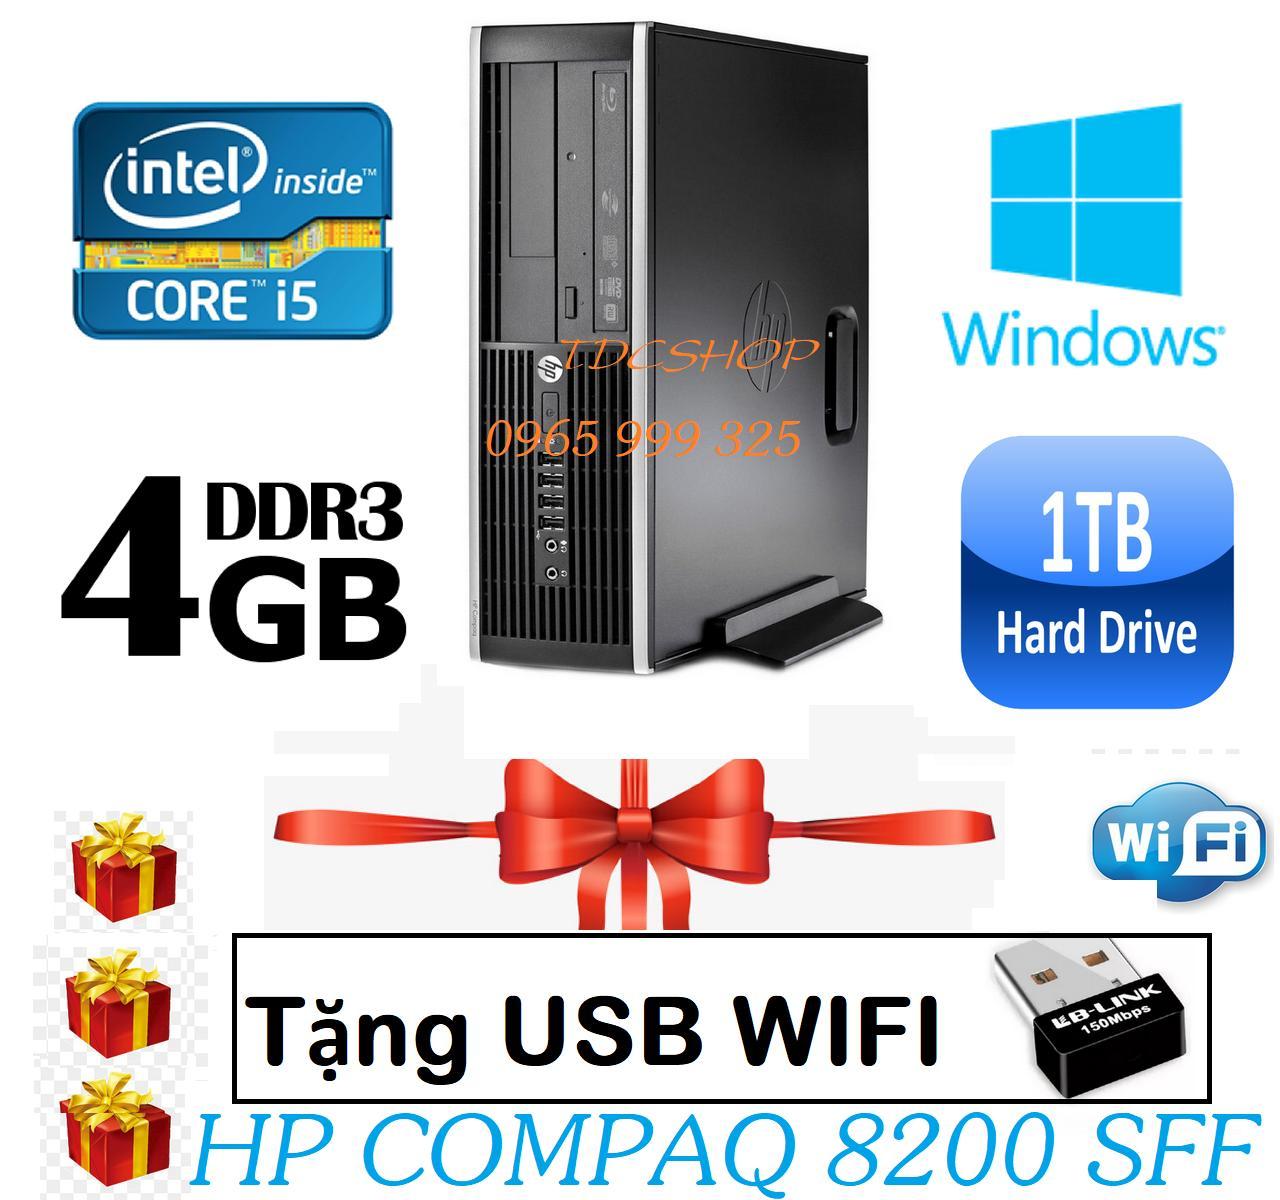 Thùng CPU HP 8200 Core i5 2400/ Ram 4gb/ Hdd 1000gb  - Tặng usb wifi (bảo hành 1 đổi 1 trong 2 năm ) - Hàng Nhập Khẩu.